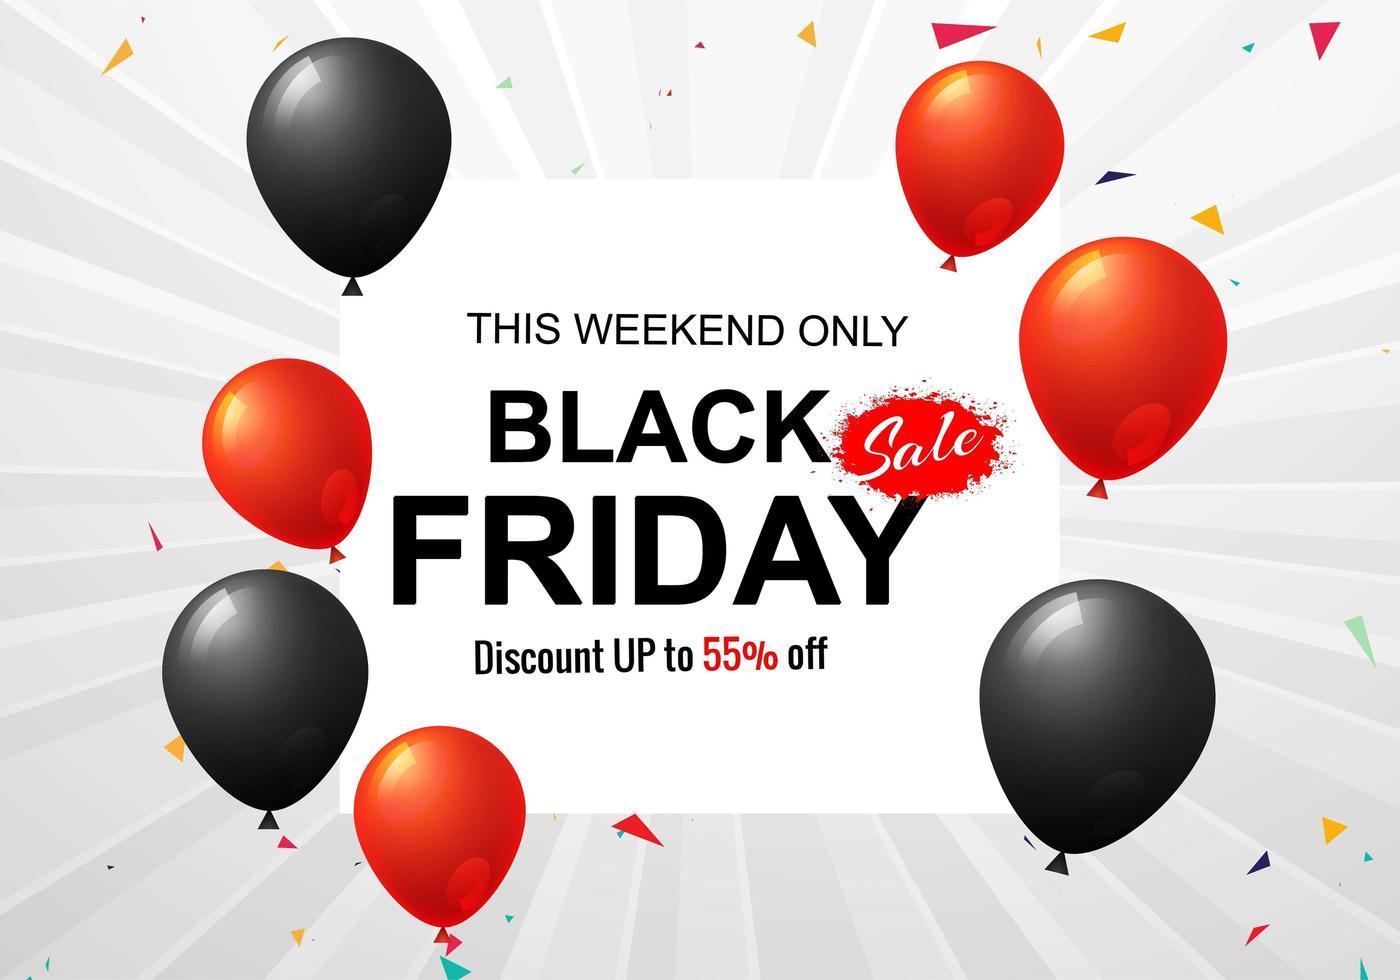 svart fredag försäljning affisch för ballonger och konfetti bakgrund vektor